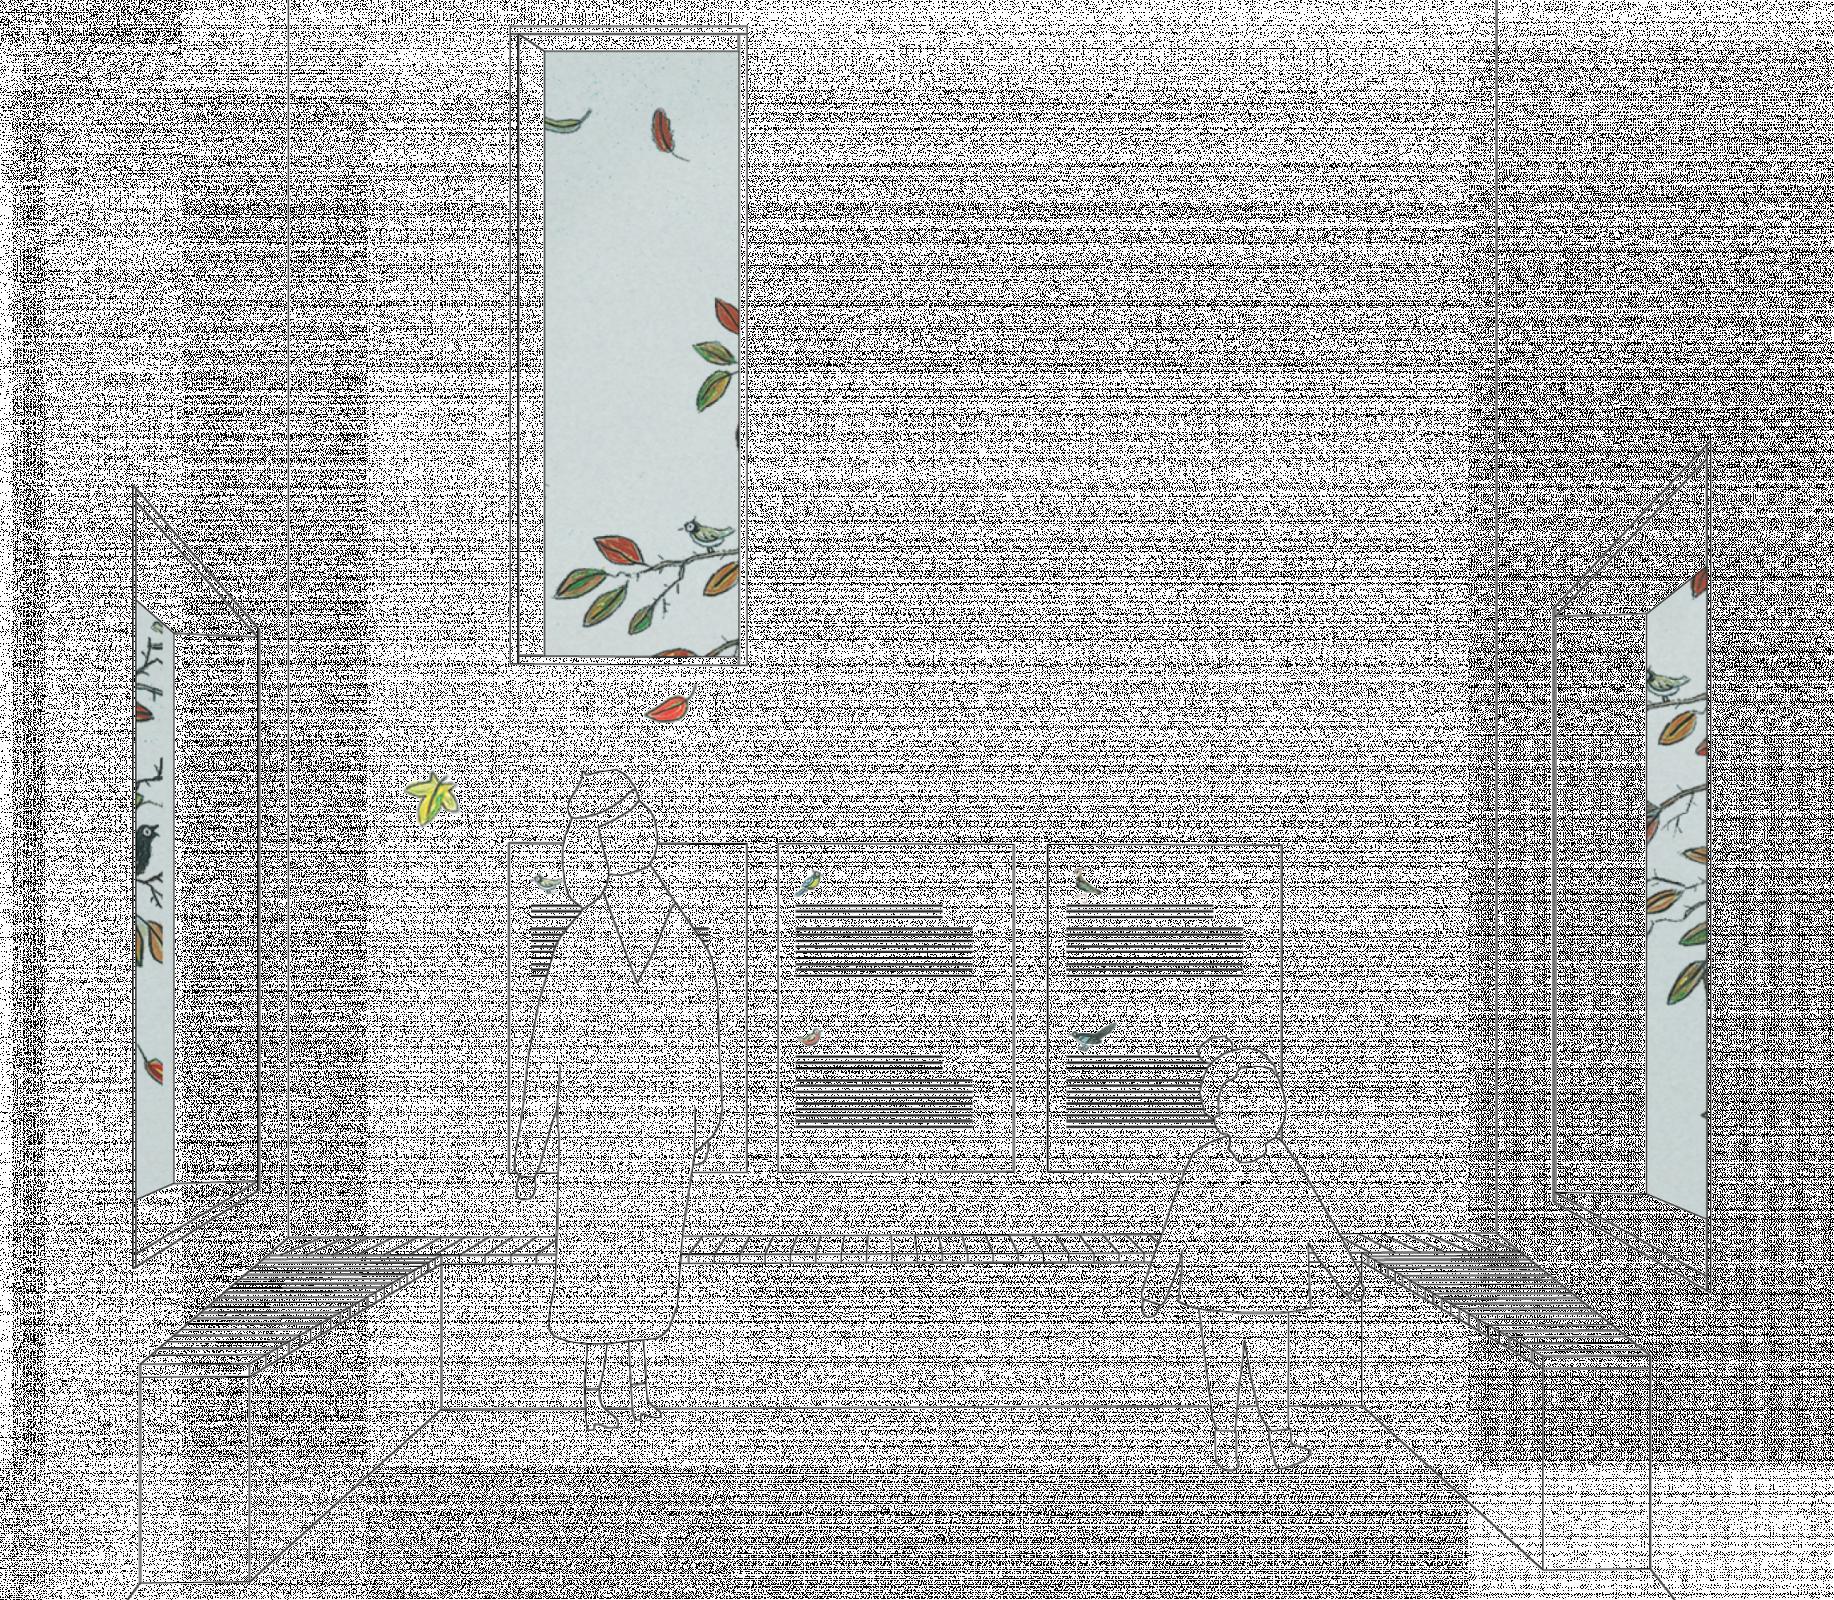 Toren Interior Room Birds